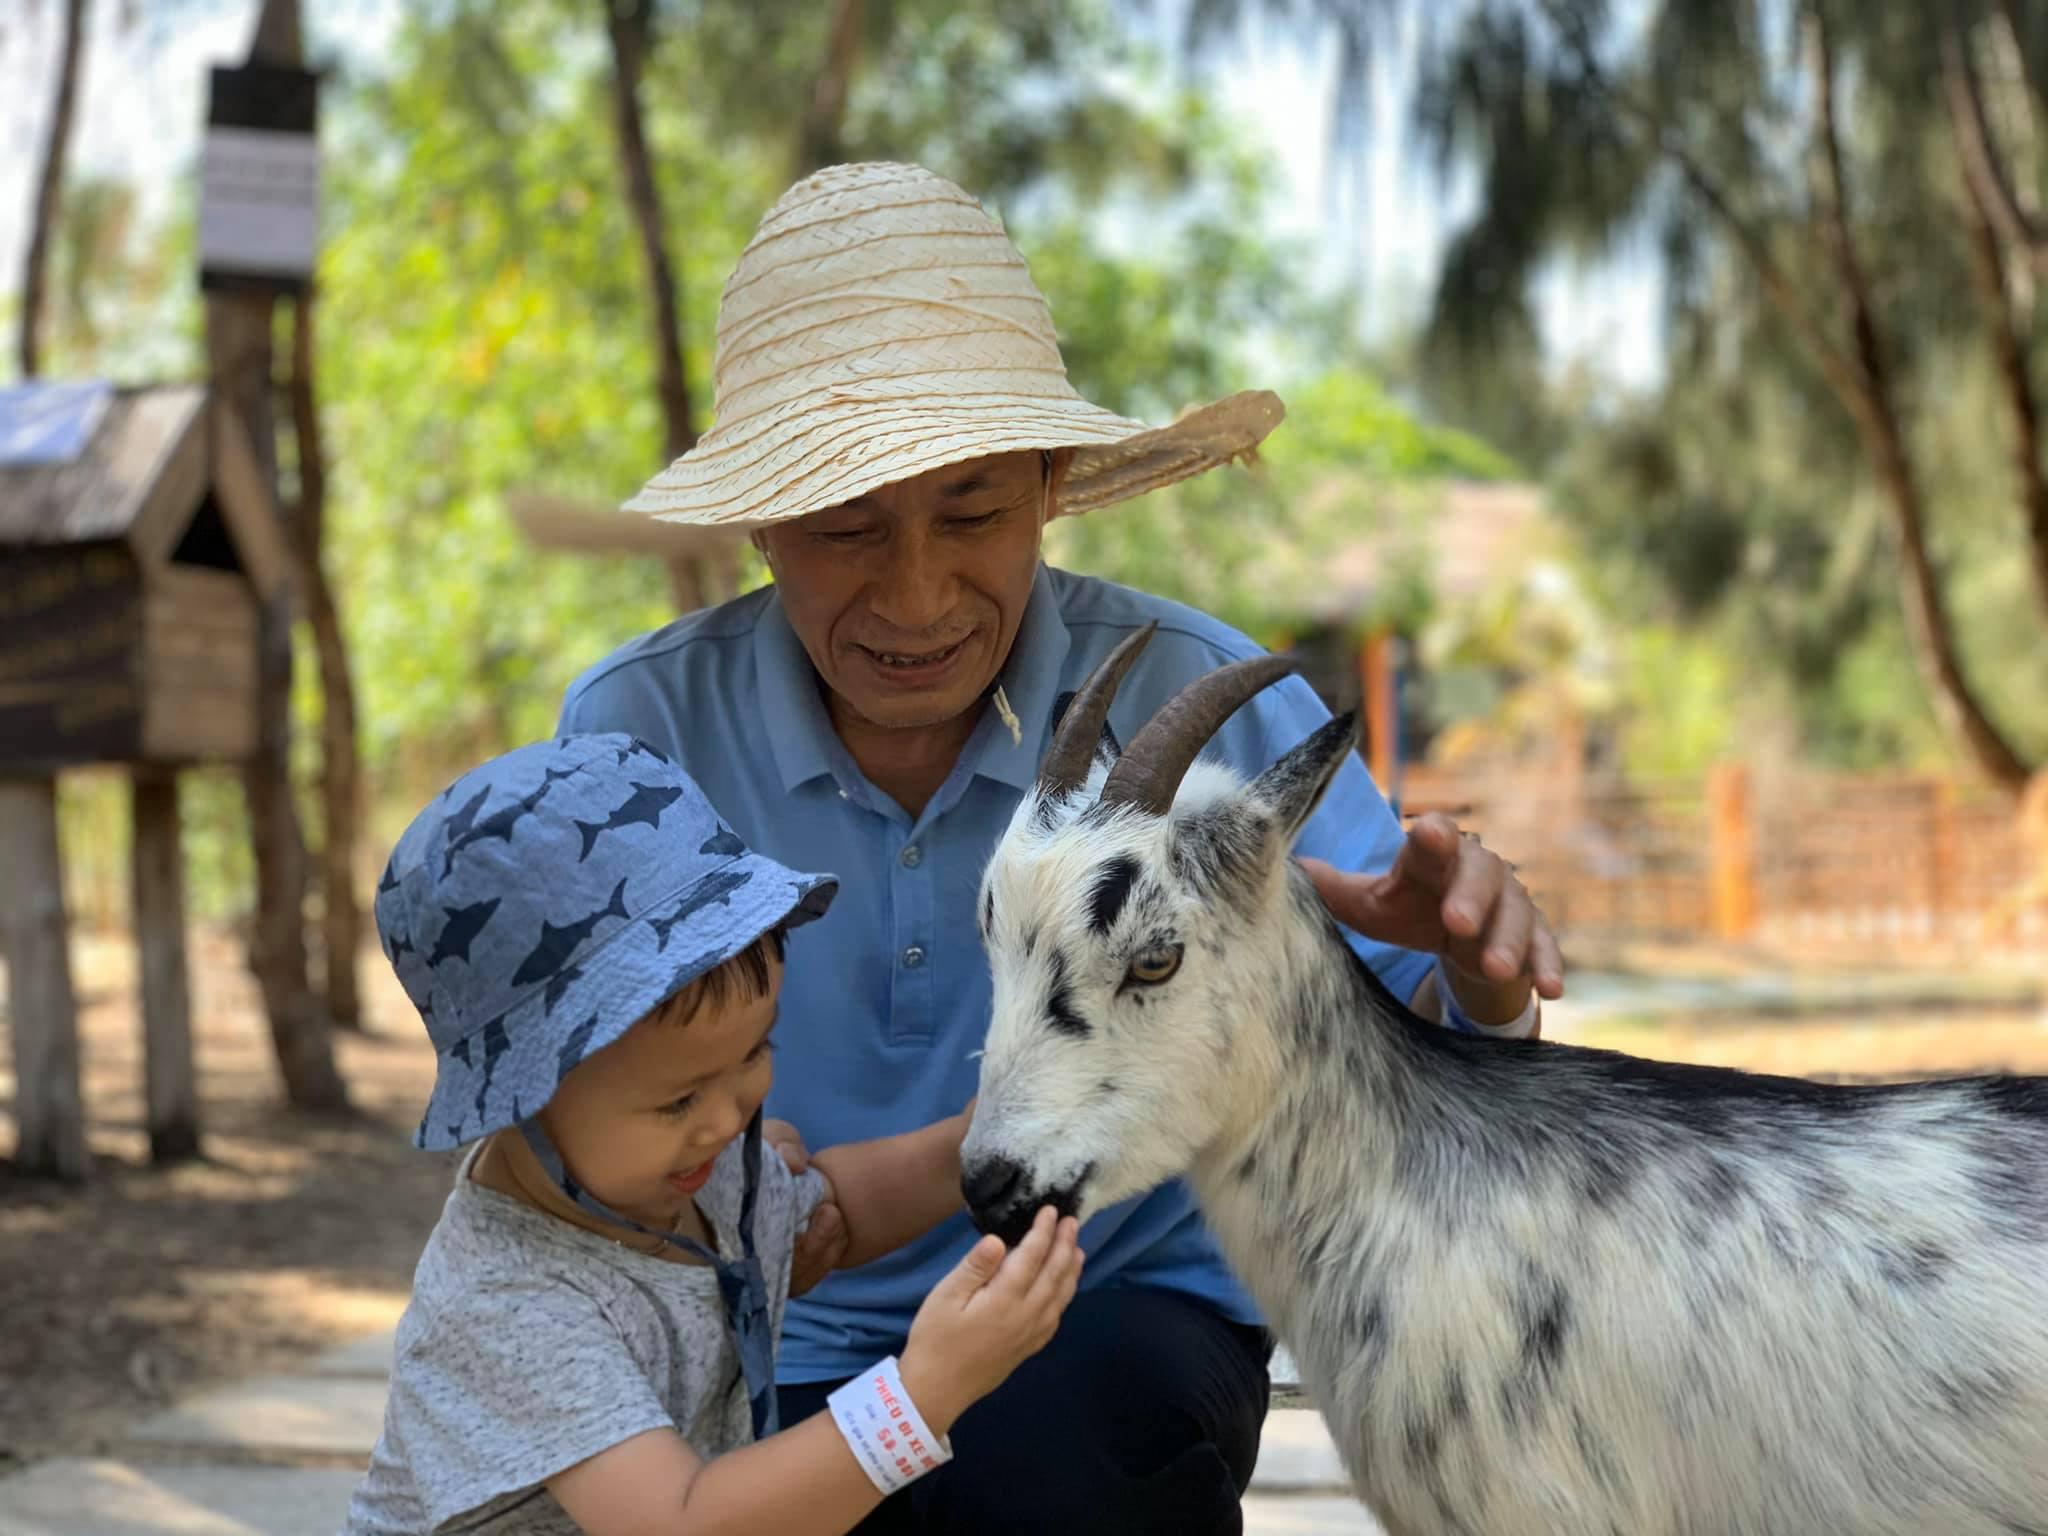 Khám phá FLC Zoo Safari Park – vườn thú bán hoang dã độc đáo tại Quy Nhơn  - Ảnh 2